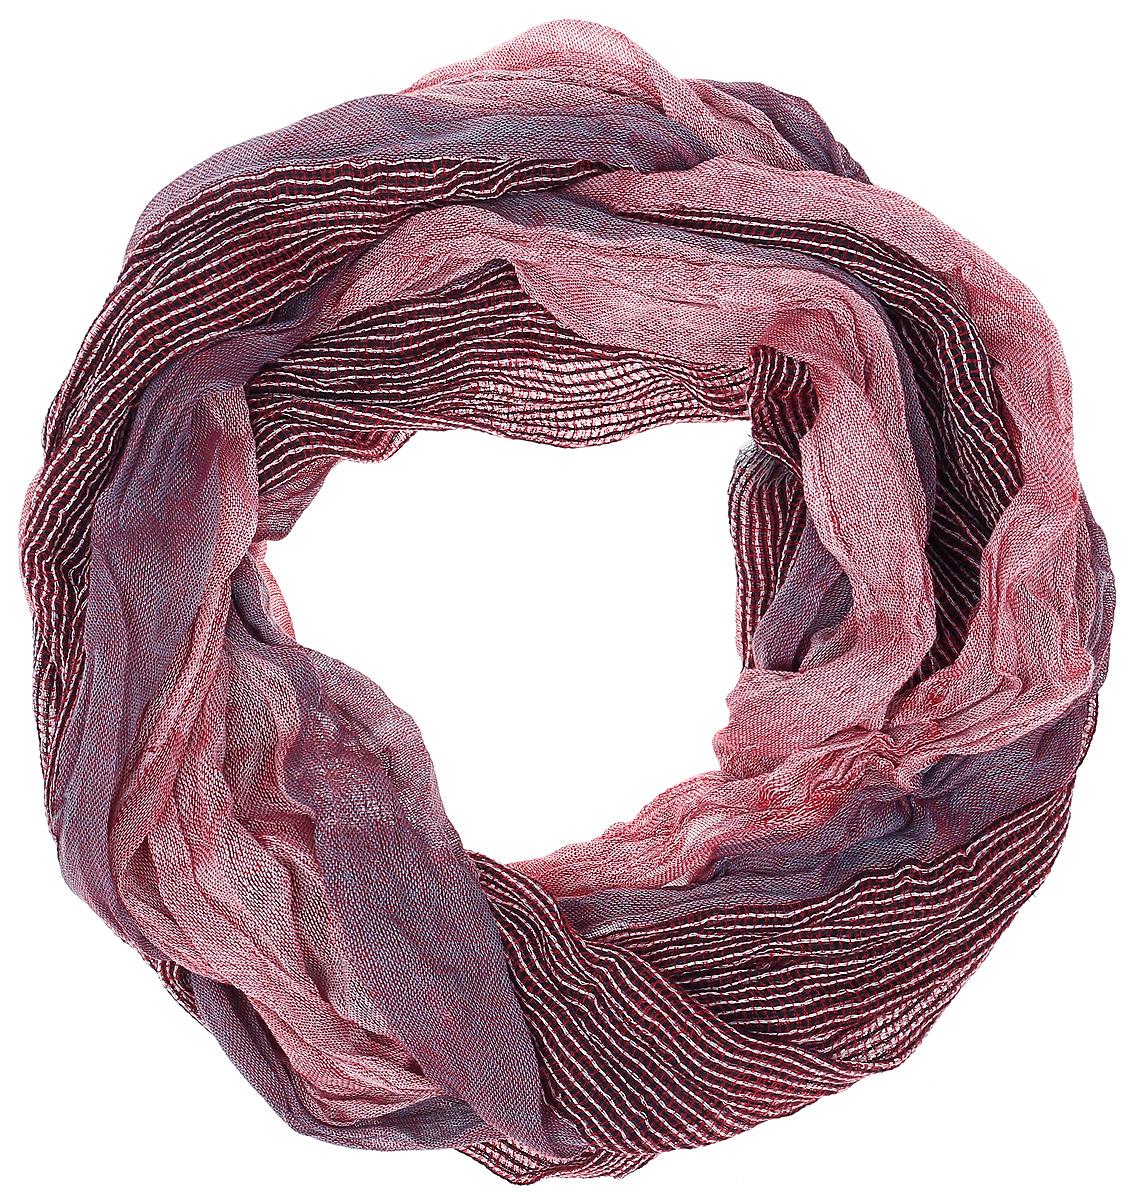 Палантин Vita Pelle, цвет: розовый, бордовый. Ro02PC3283/B4-10. Размер 70 см х 163 смRo02PC3283/B4-10Палантин от Vita Pelle выполнен из жатки и оформлен вставкой с принтом в сложную клетку. Обработка кромки - осыпка.